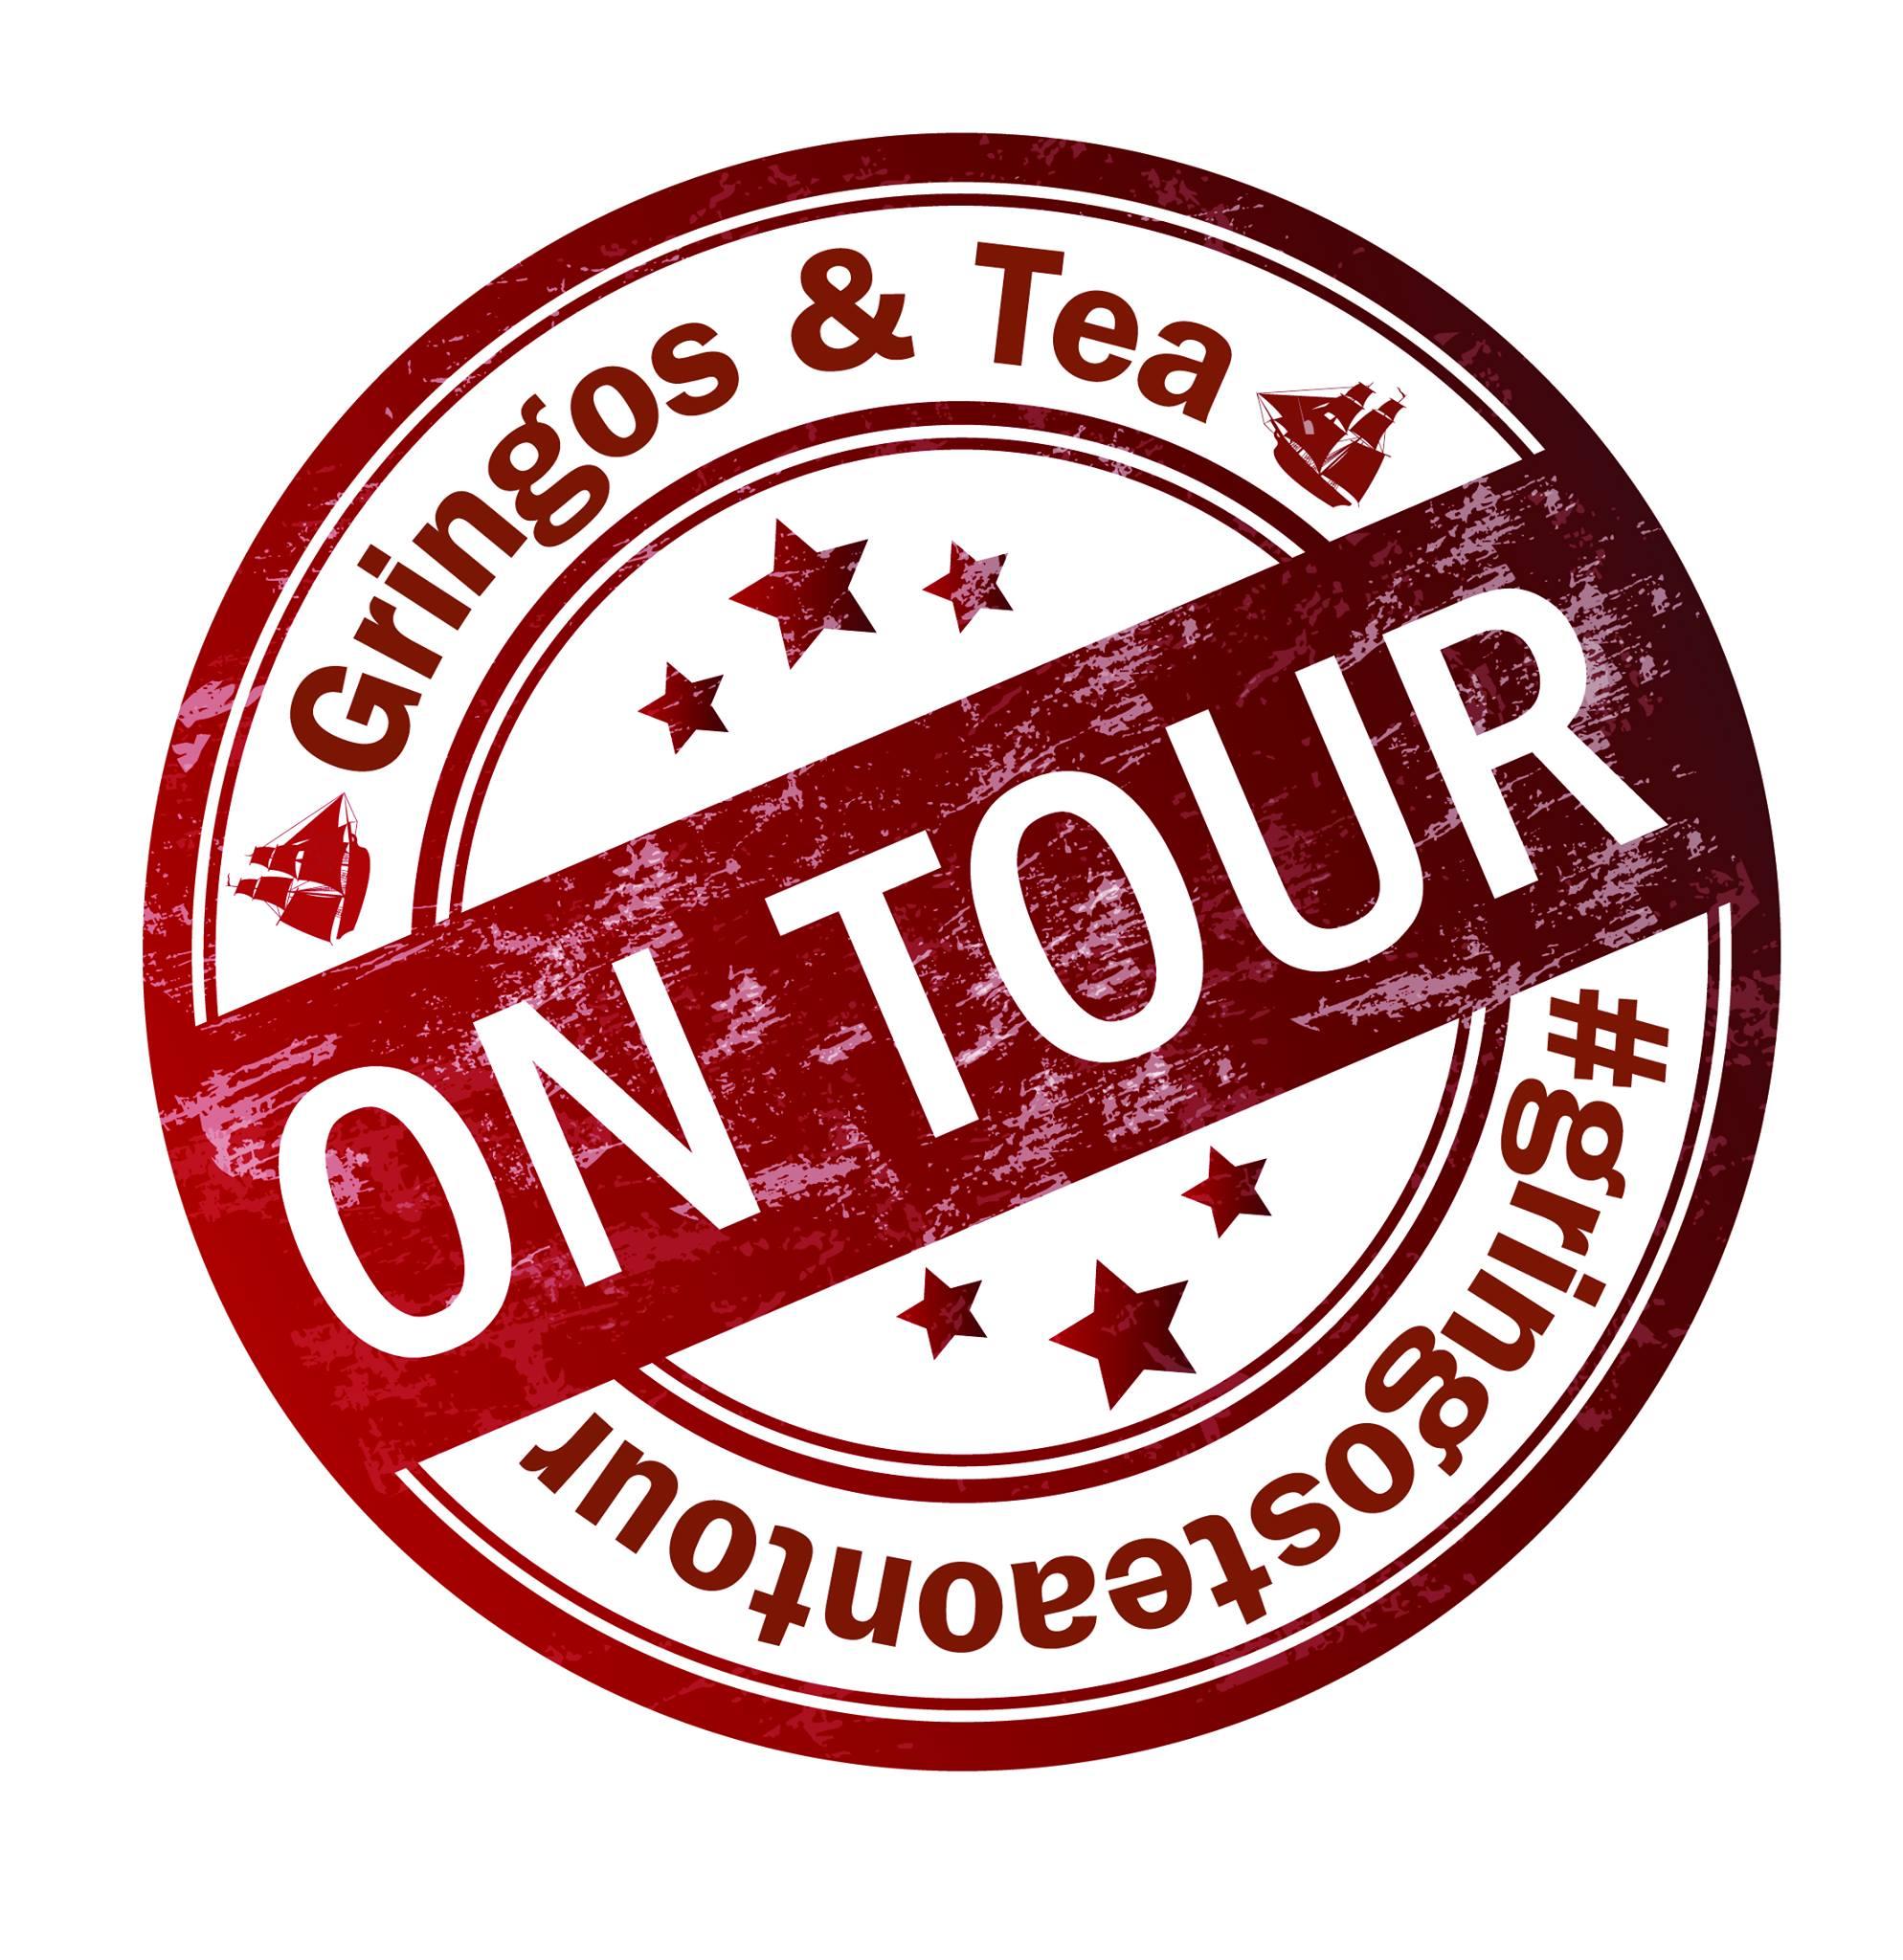 Gringos on Tour